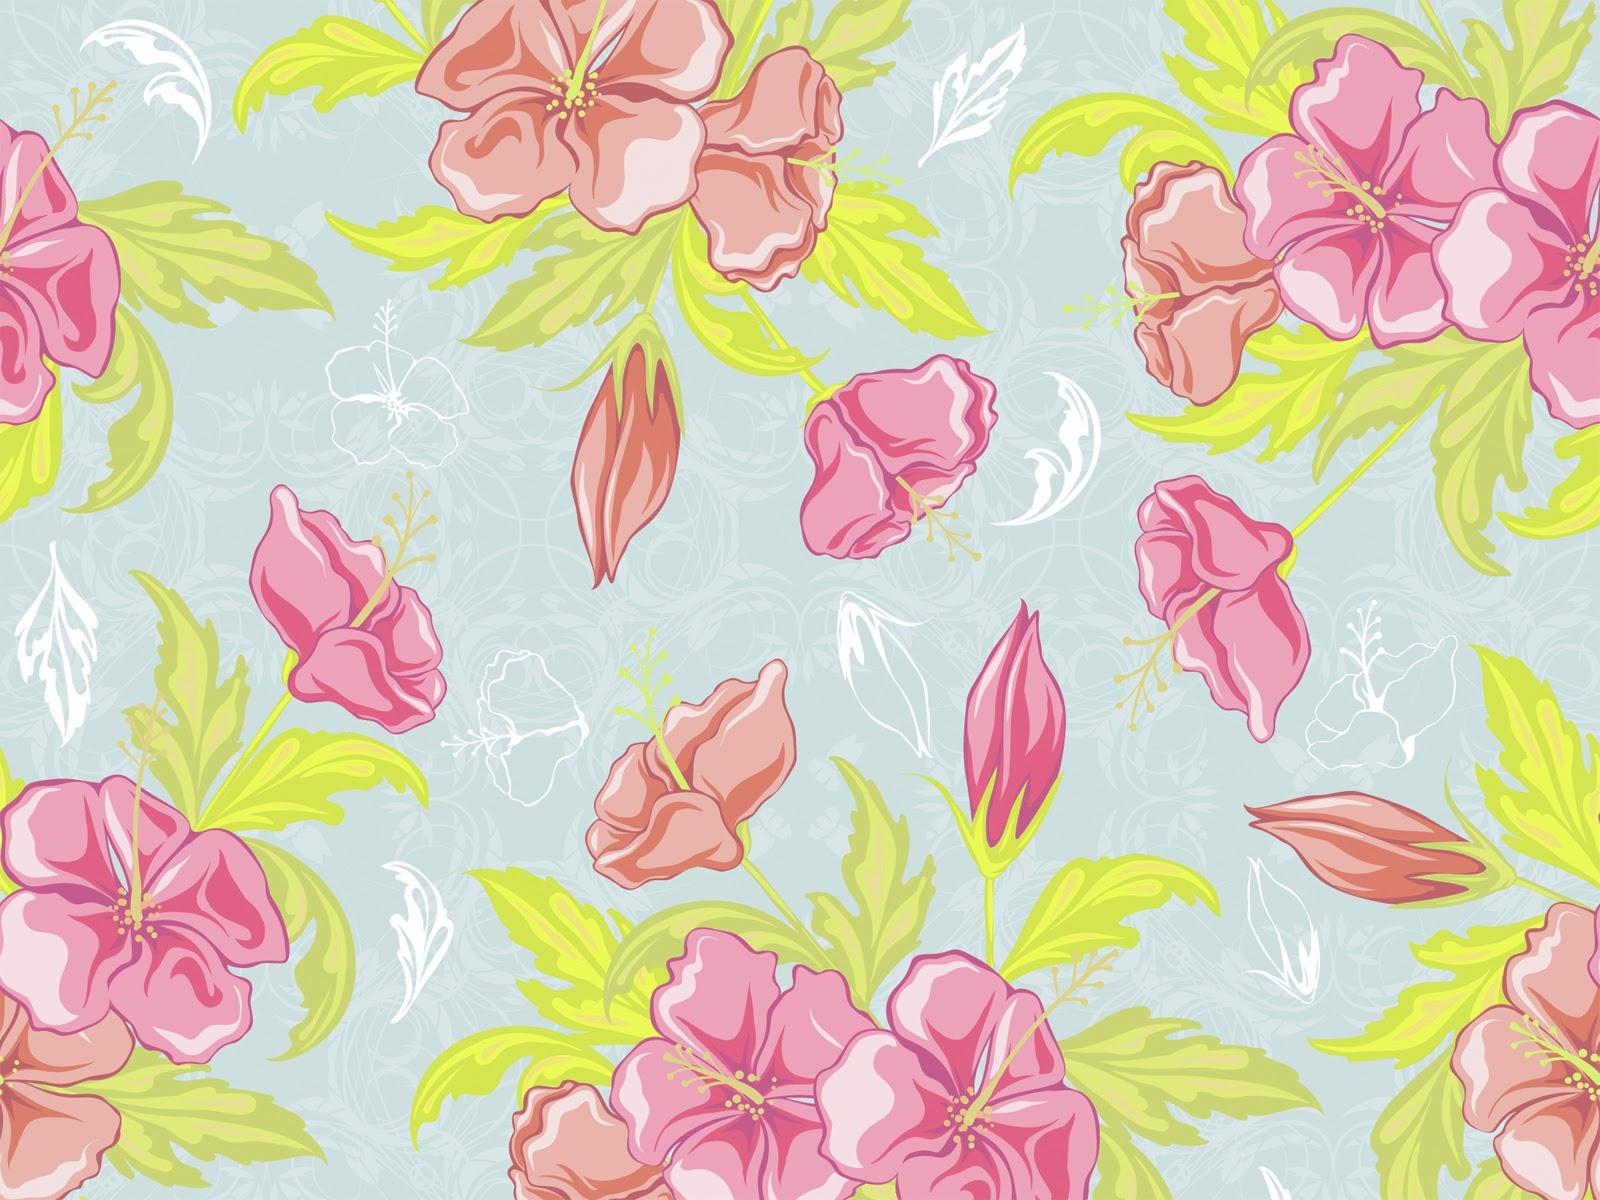 Ancients Papiers Peints Floraux sur Pinterest Papier Peint  - Papier Peint Floral Vintage